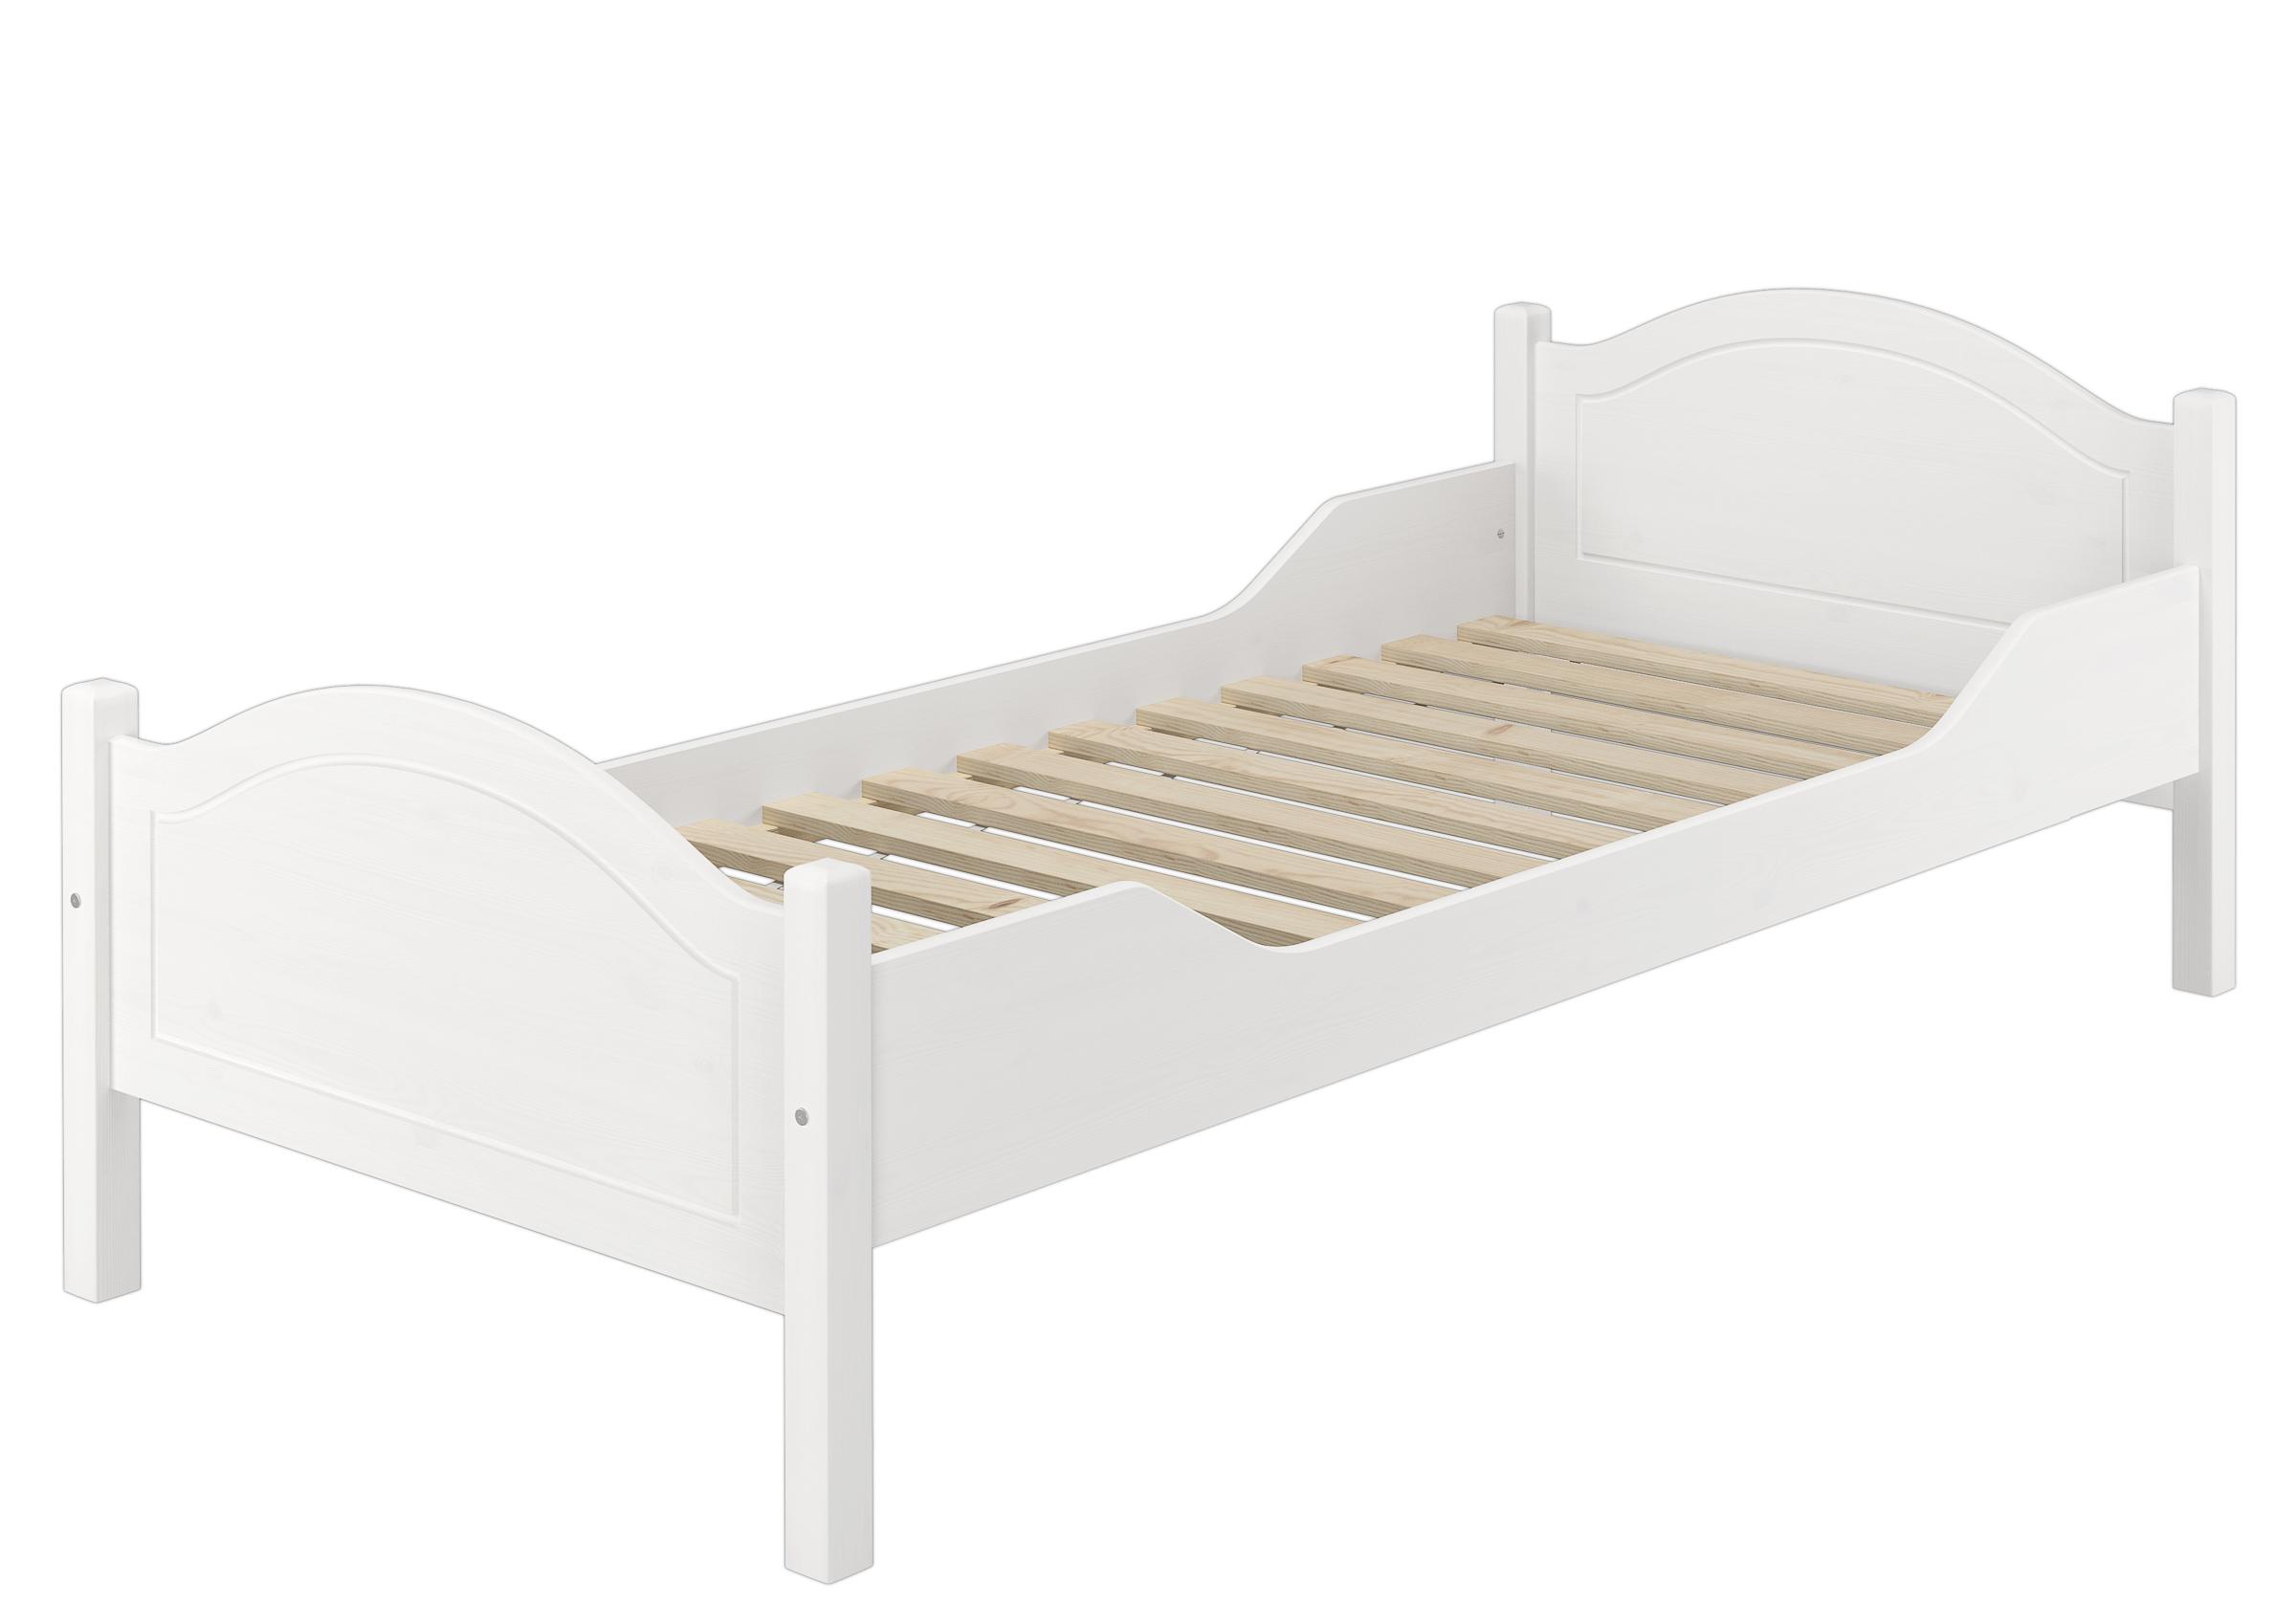 Full Size of Einzelbett Kiefer Wei 100x200 Futonbett Jugenbett Singlebett Bett Weiß Betten Wohnzimmer Futonbett 100x200